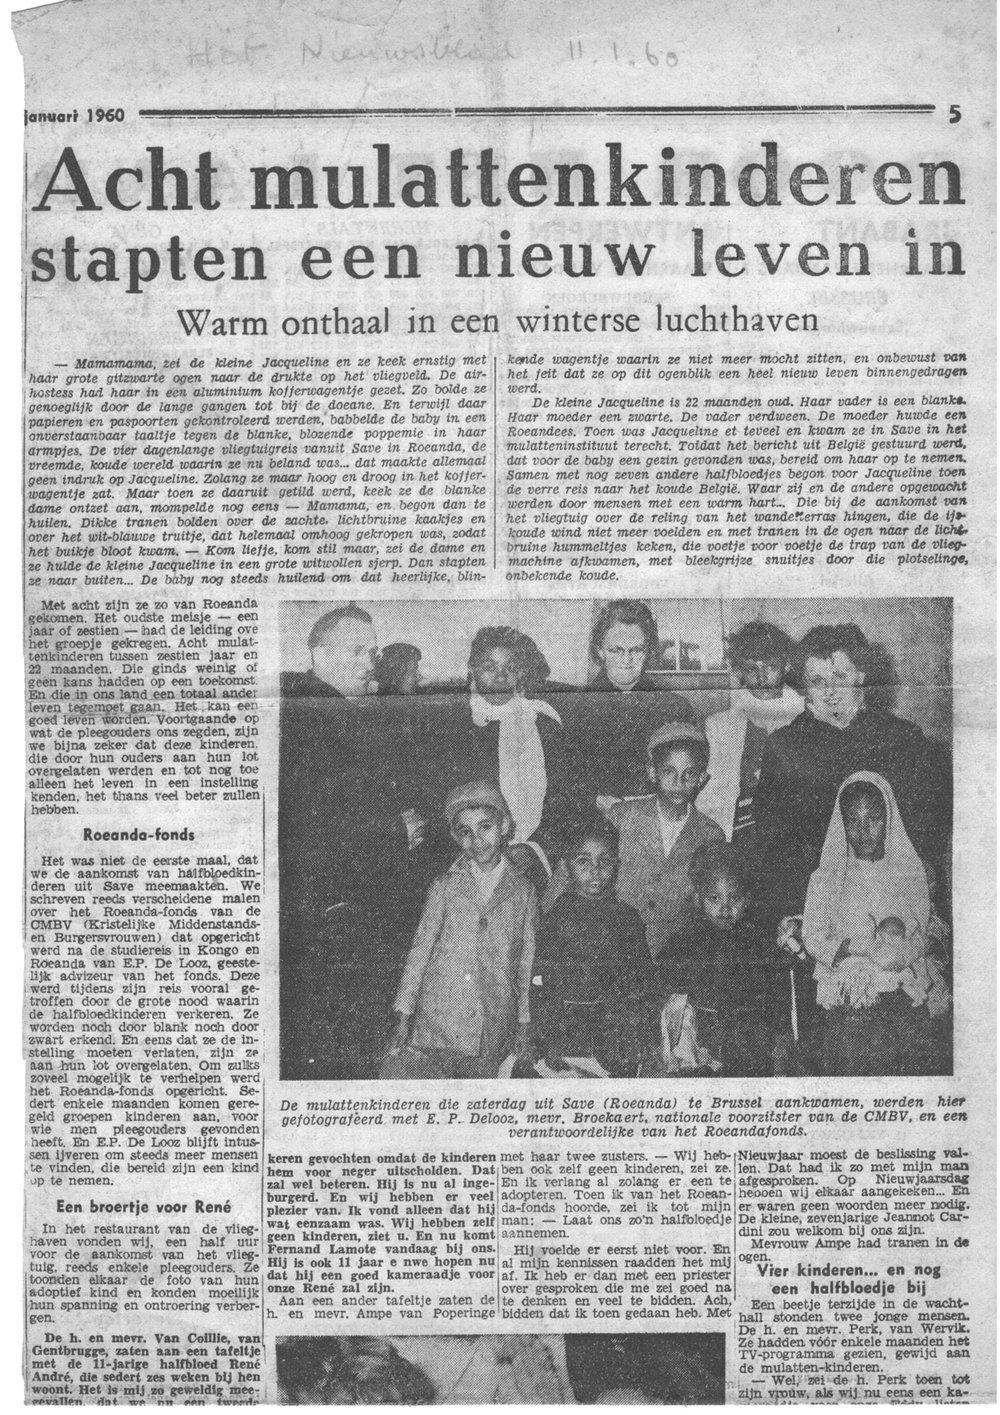 Nieuwsblad 11_1_60 Aankomst Zaventem 4-page-001.jpg